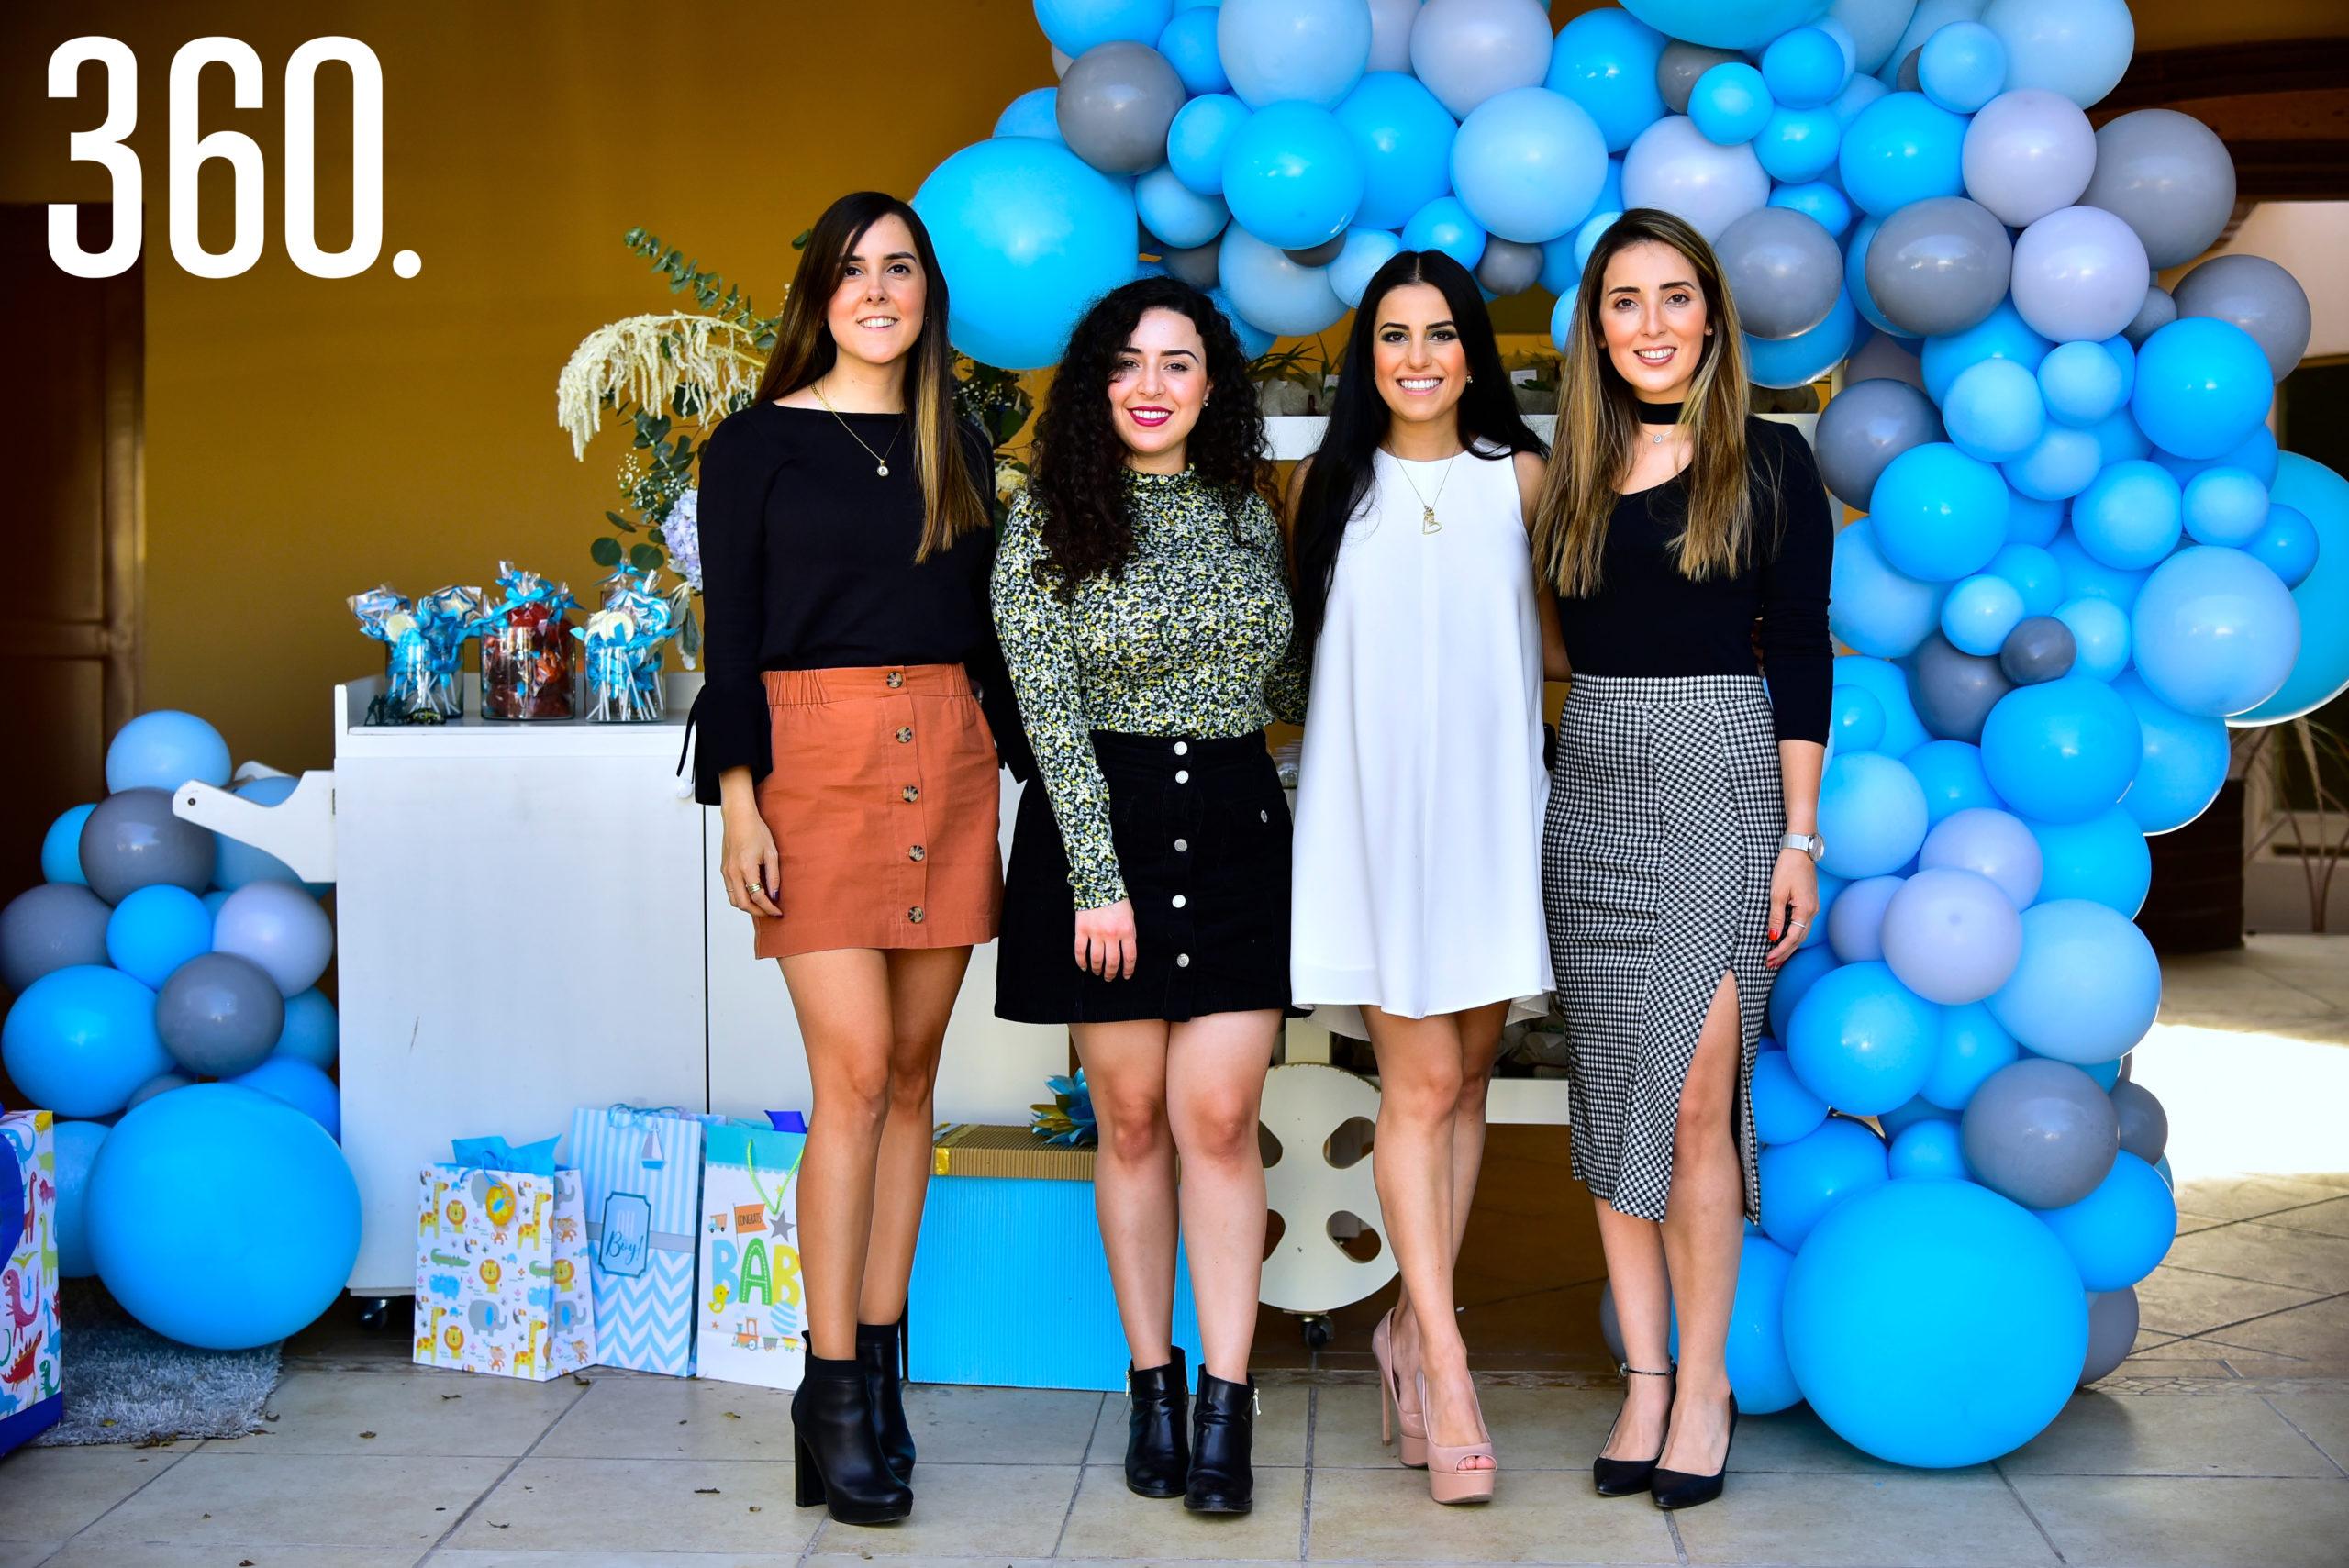 Adriana Ramírez, Melissa Cavazos, Andrea Iga y Georgina Garza.